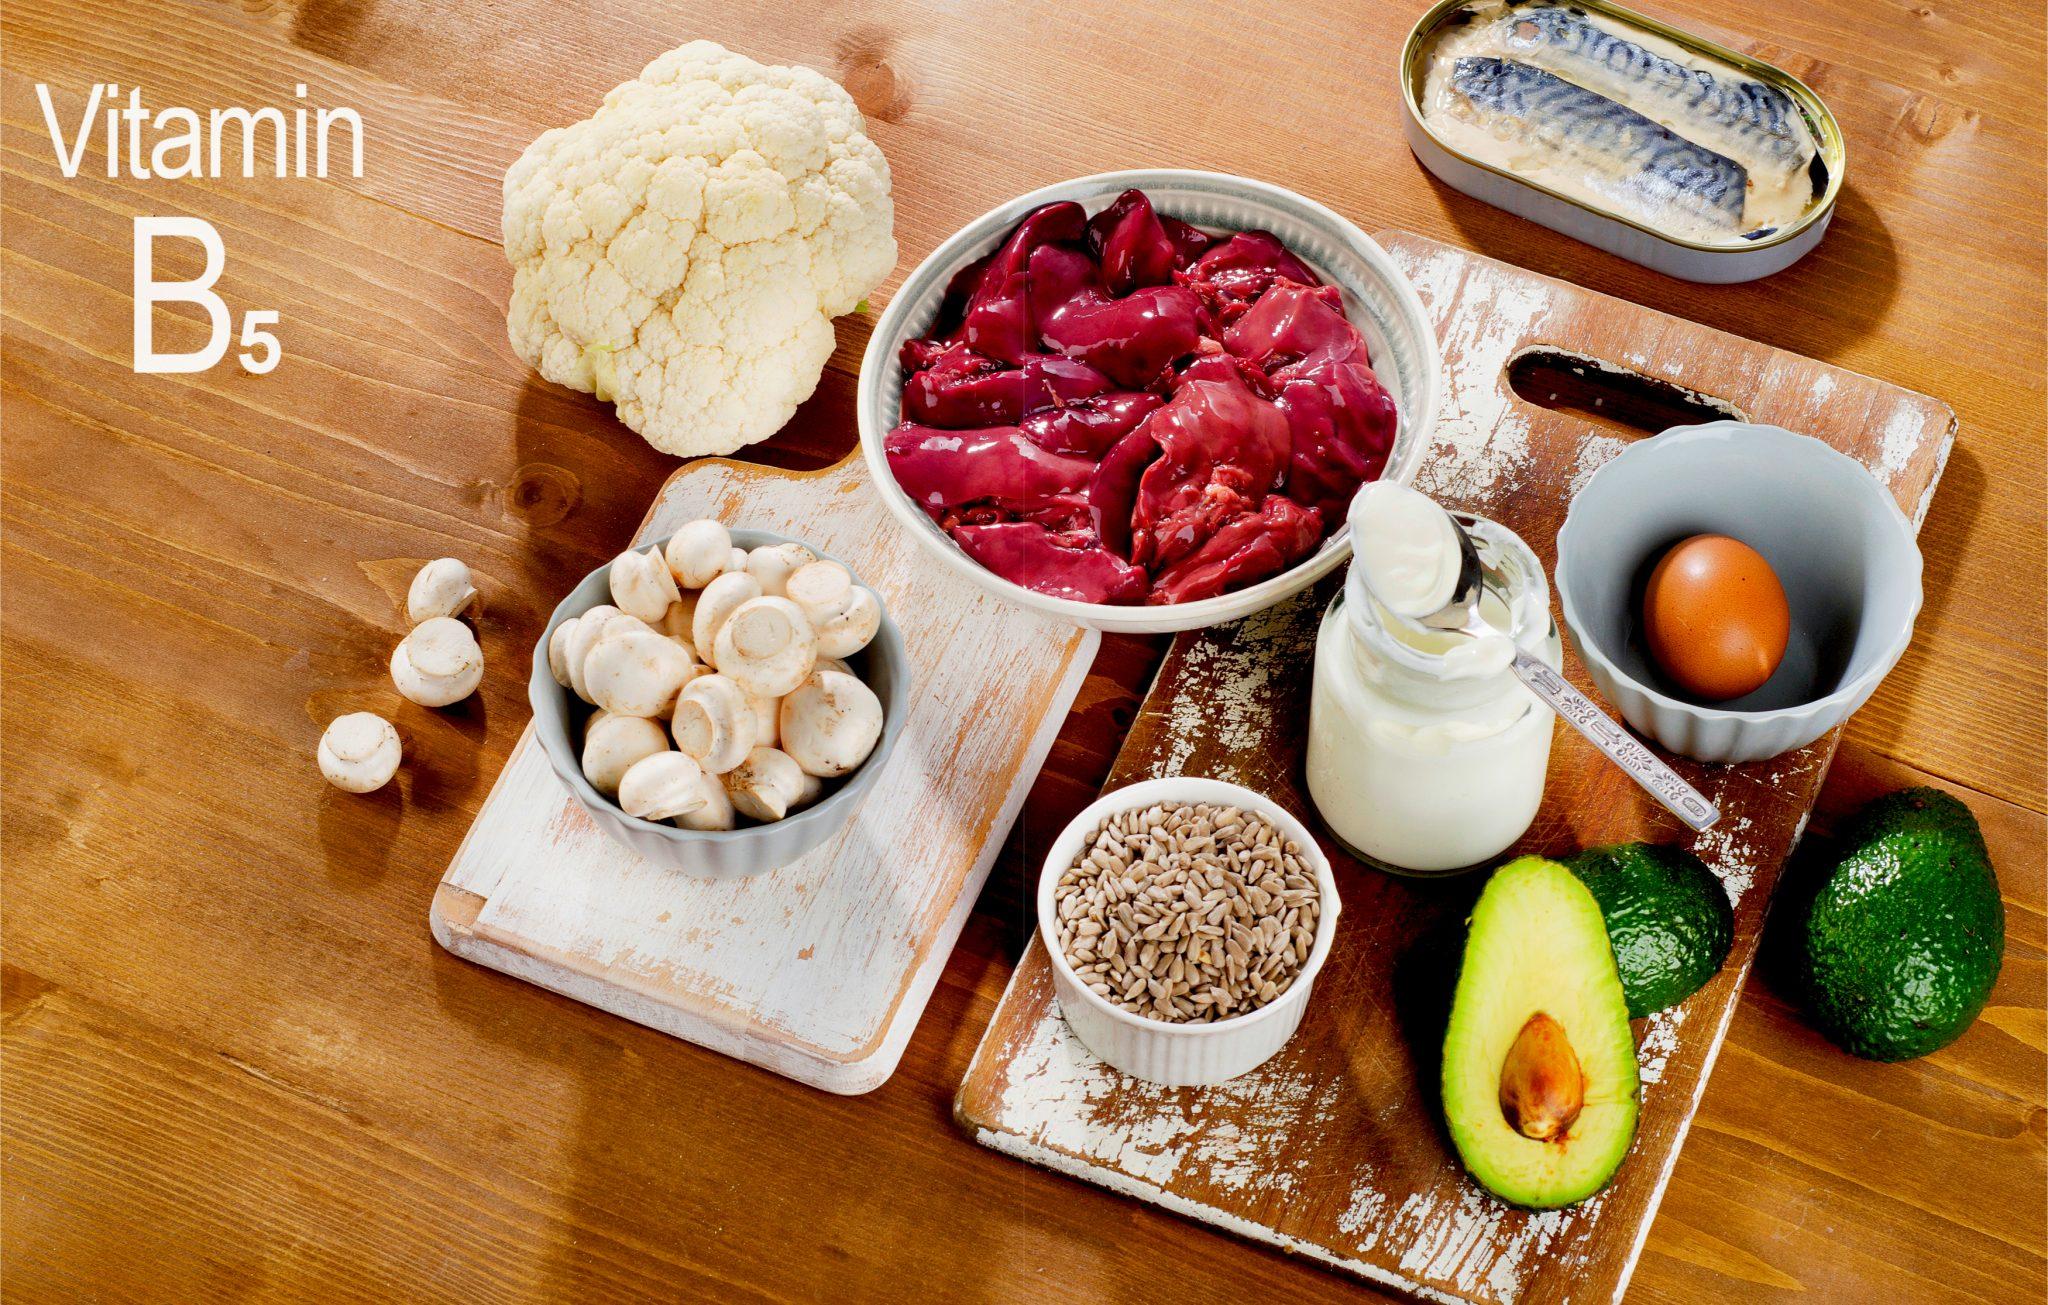 ビタミンB5パントテン酸を含む食べ物